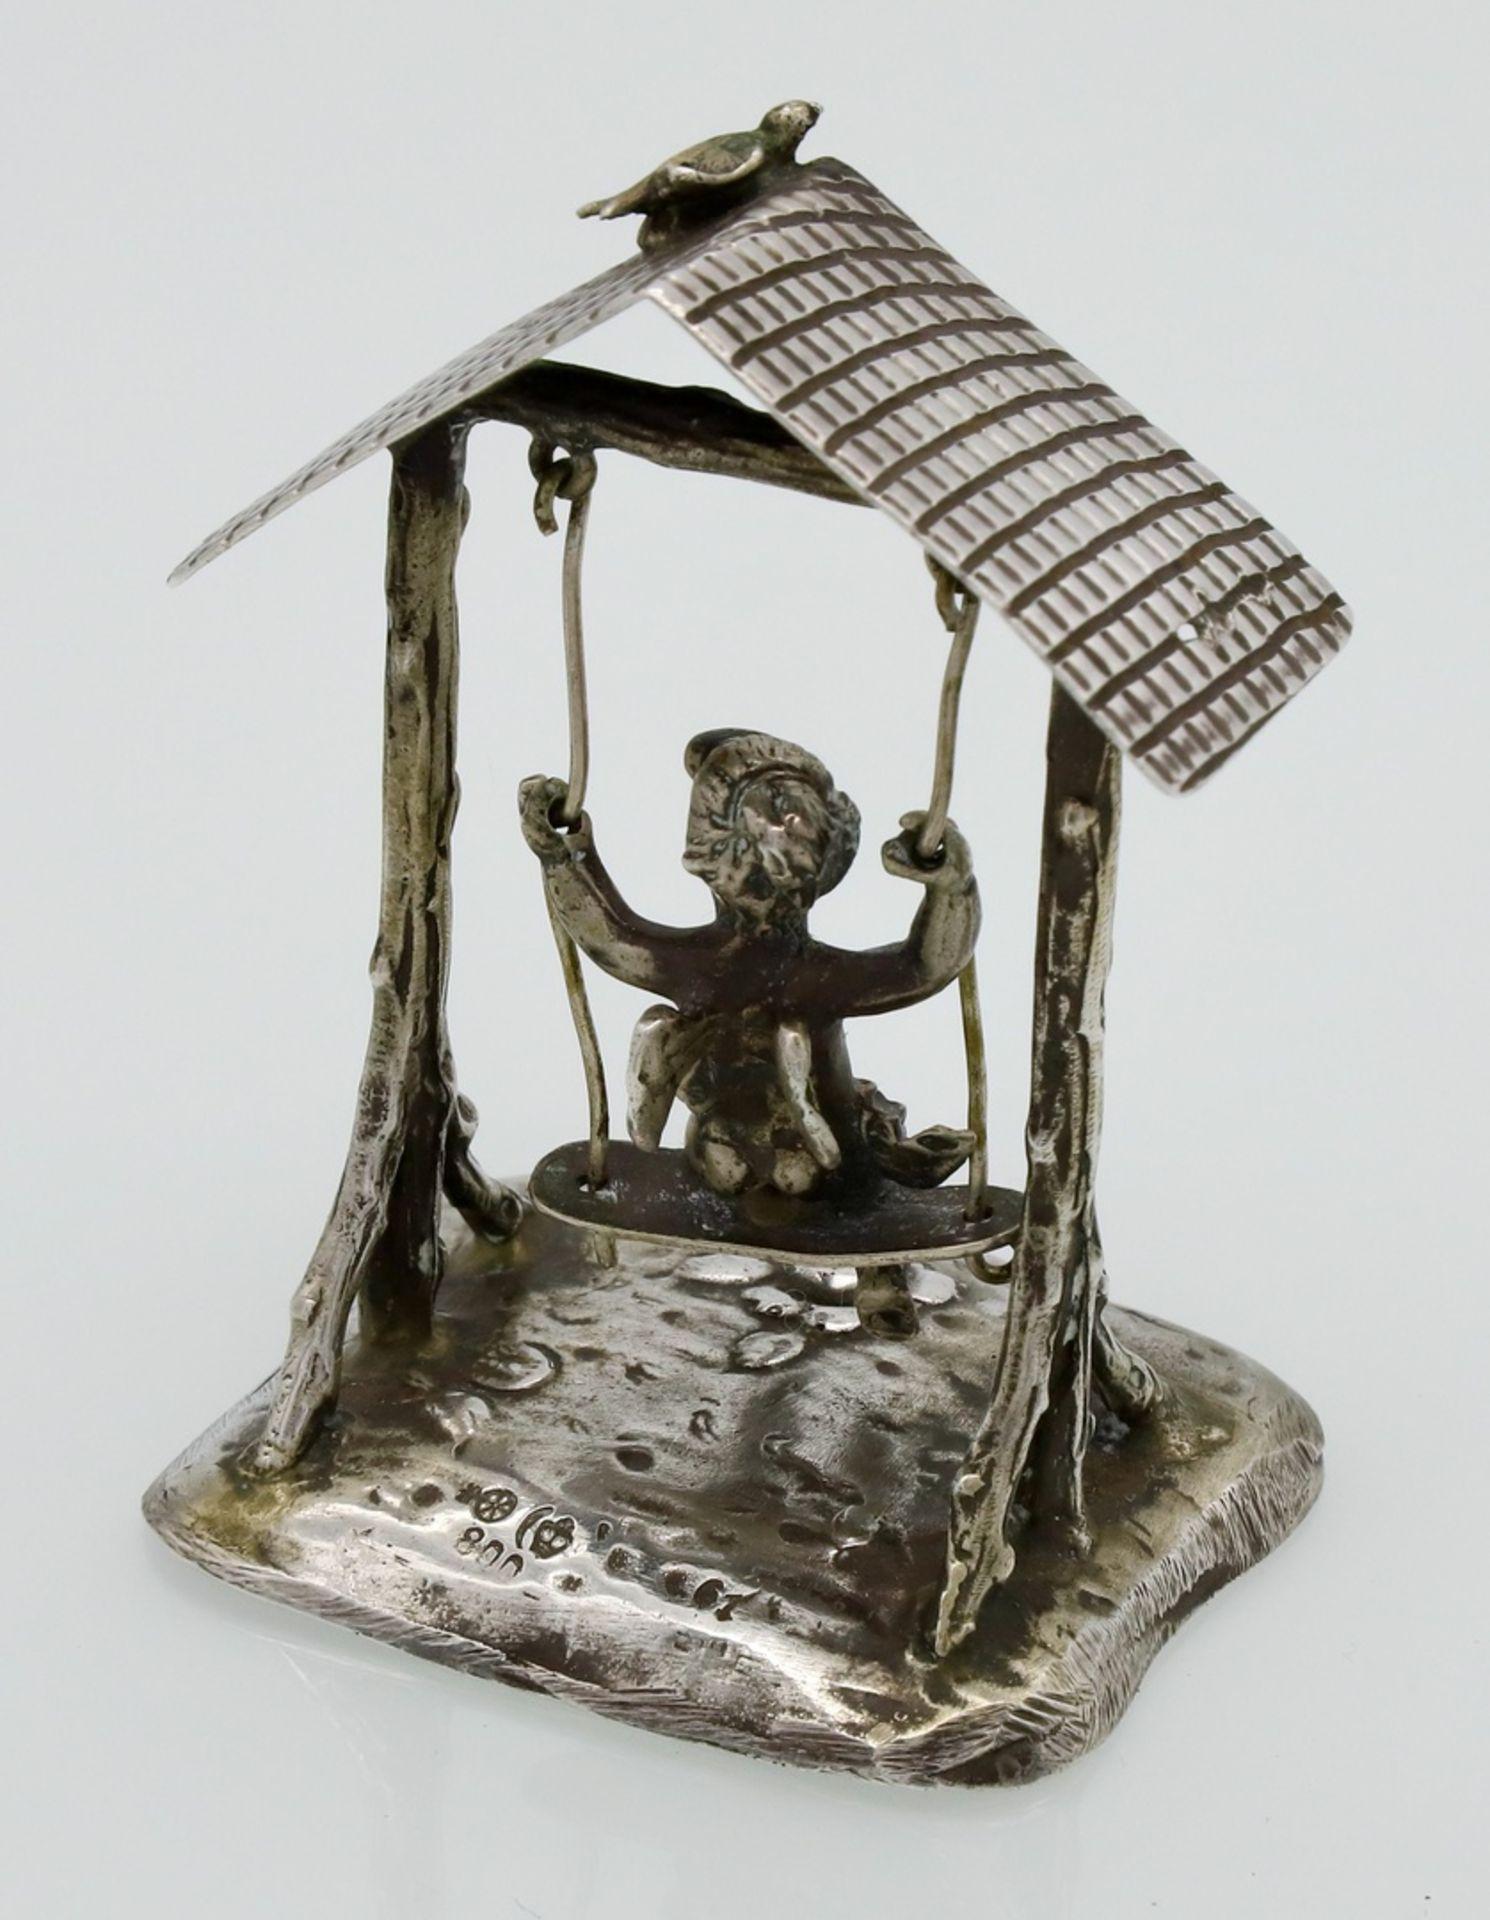 Martin Mayer Miniatur eines schaukelnden Puttos, um 1900 - Bild 2 aus 3